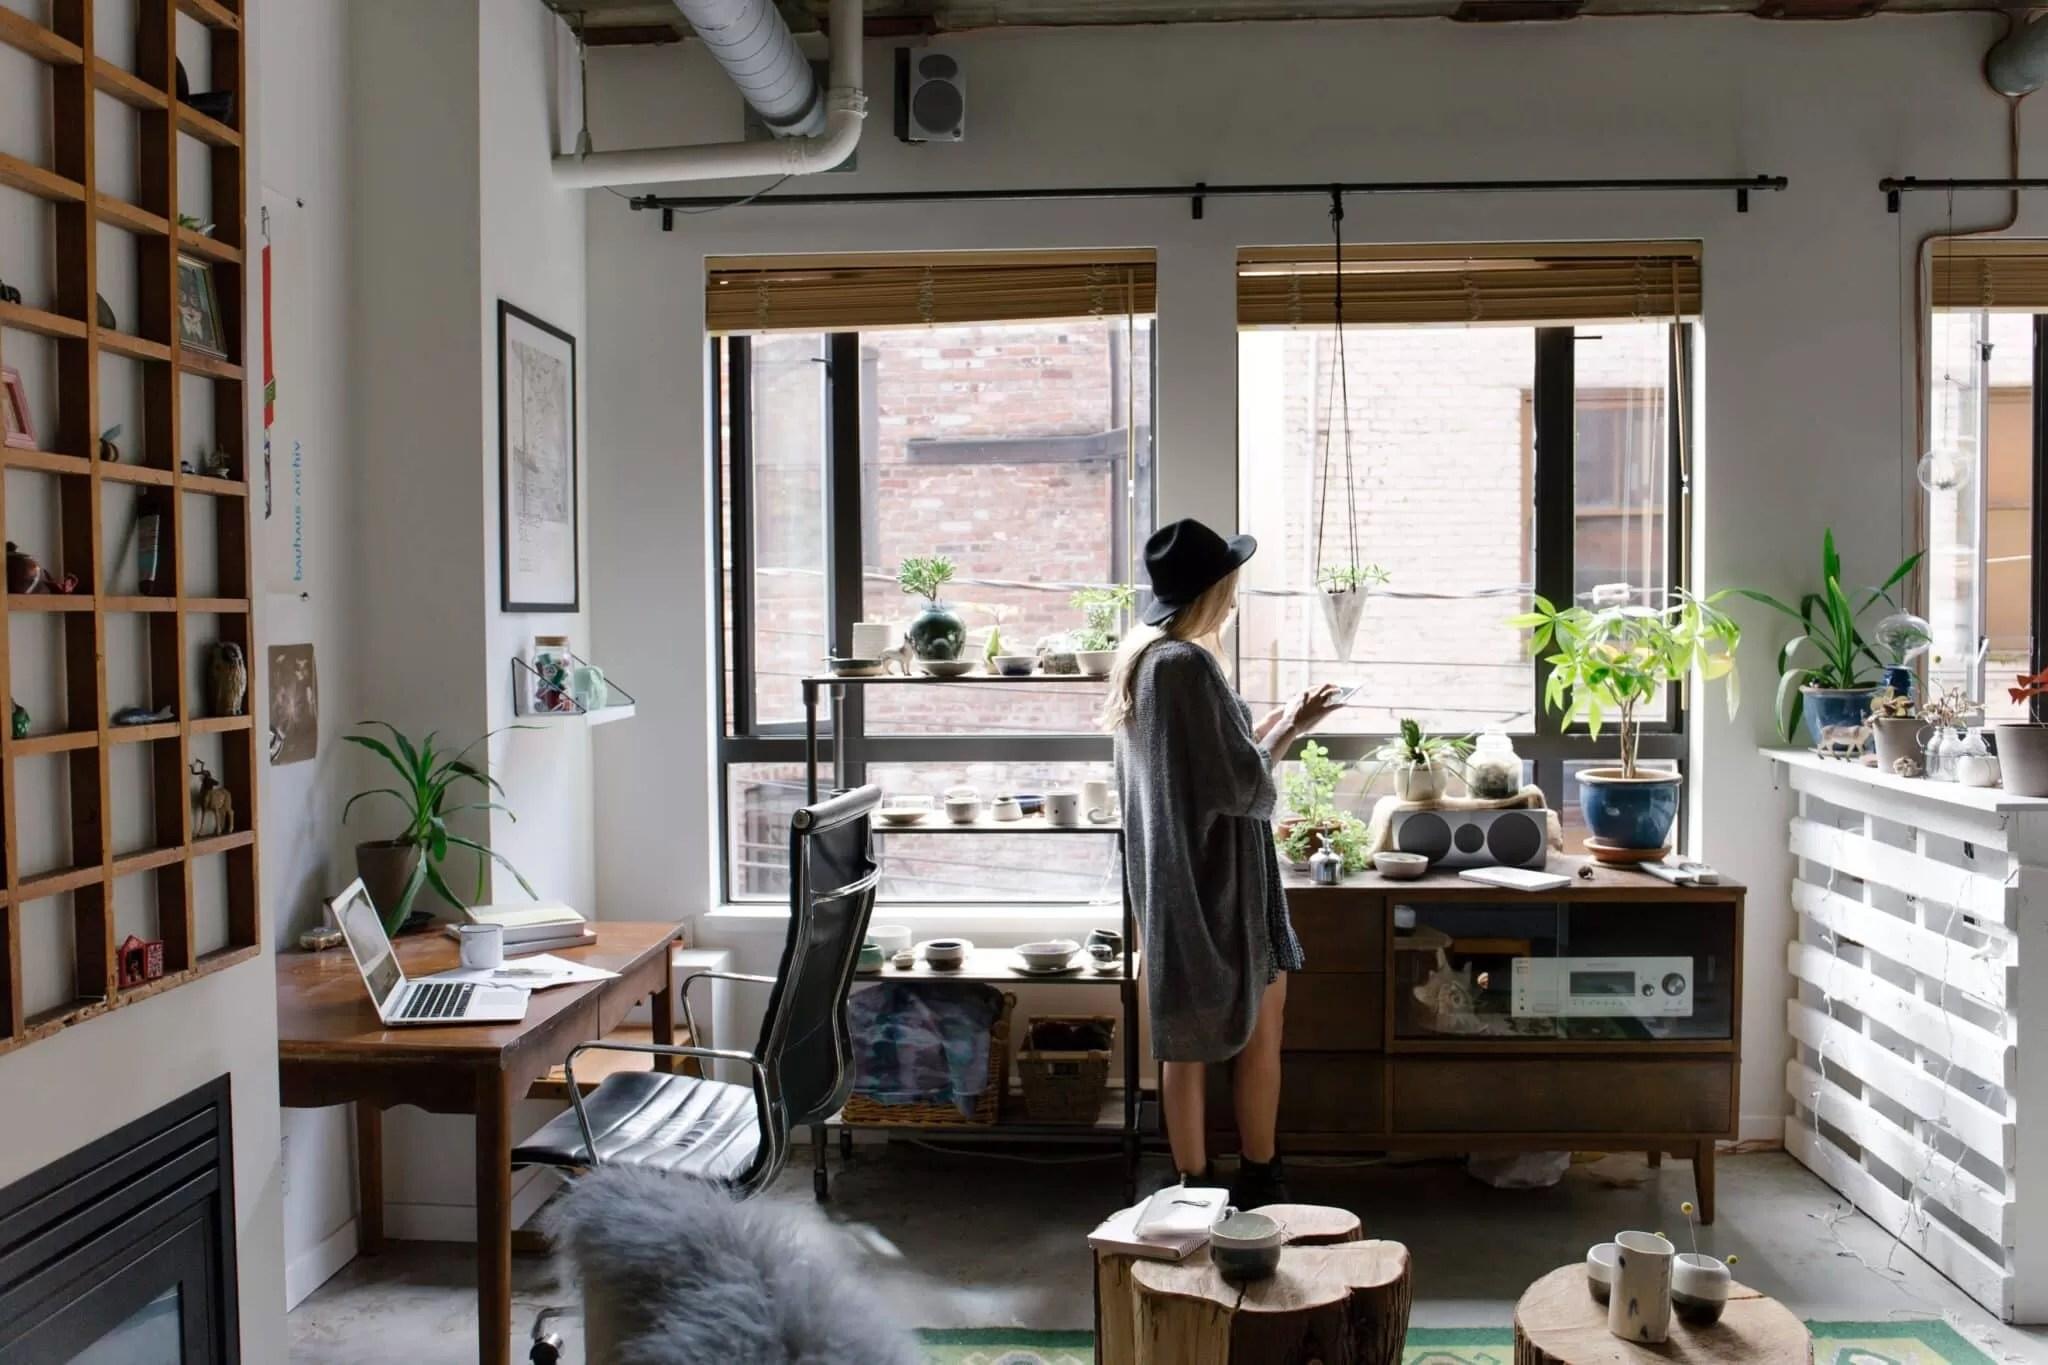 Visualizza altre idee su ufficio in casa, arredamento,. Progettare Un Piccolo Ufficio In Casa Le Soluzioni Perfette Per Ogni Stanza Glamcasamagazine